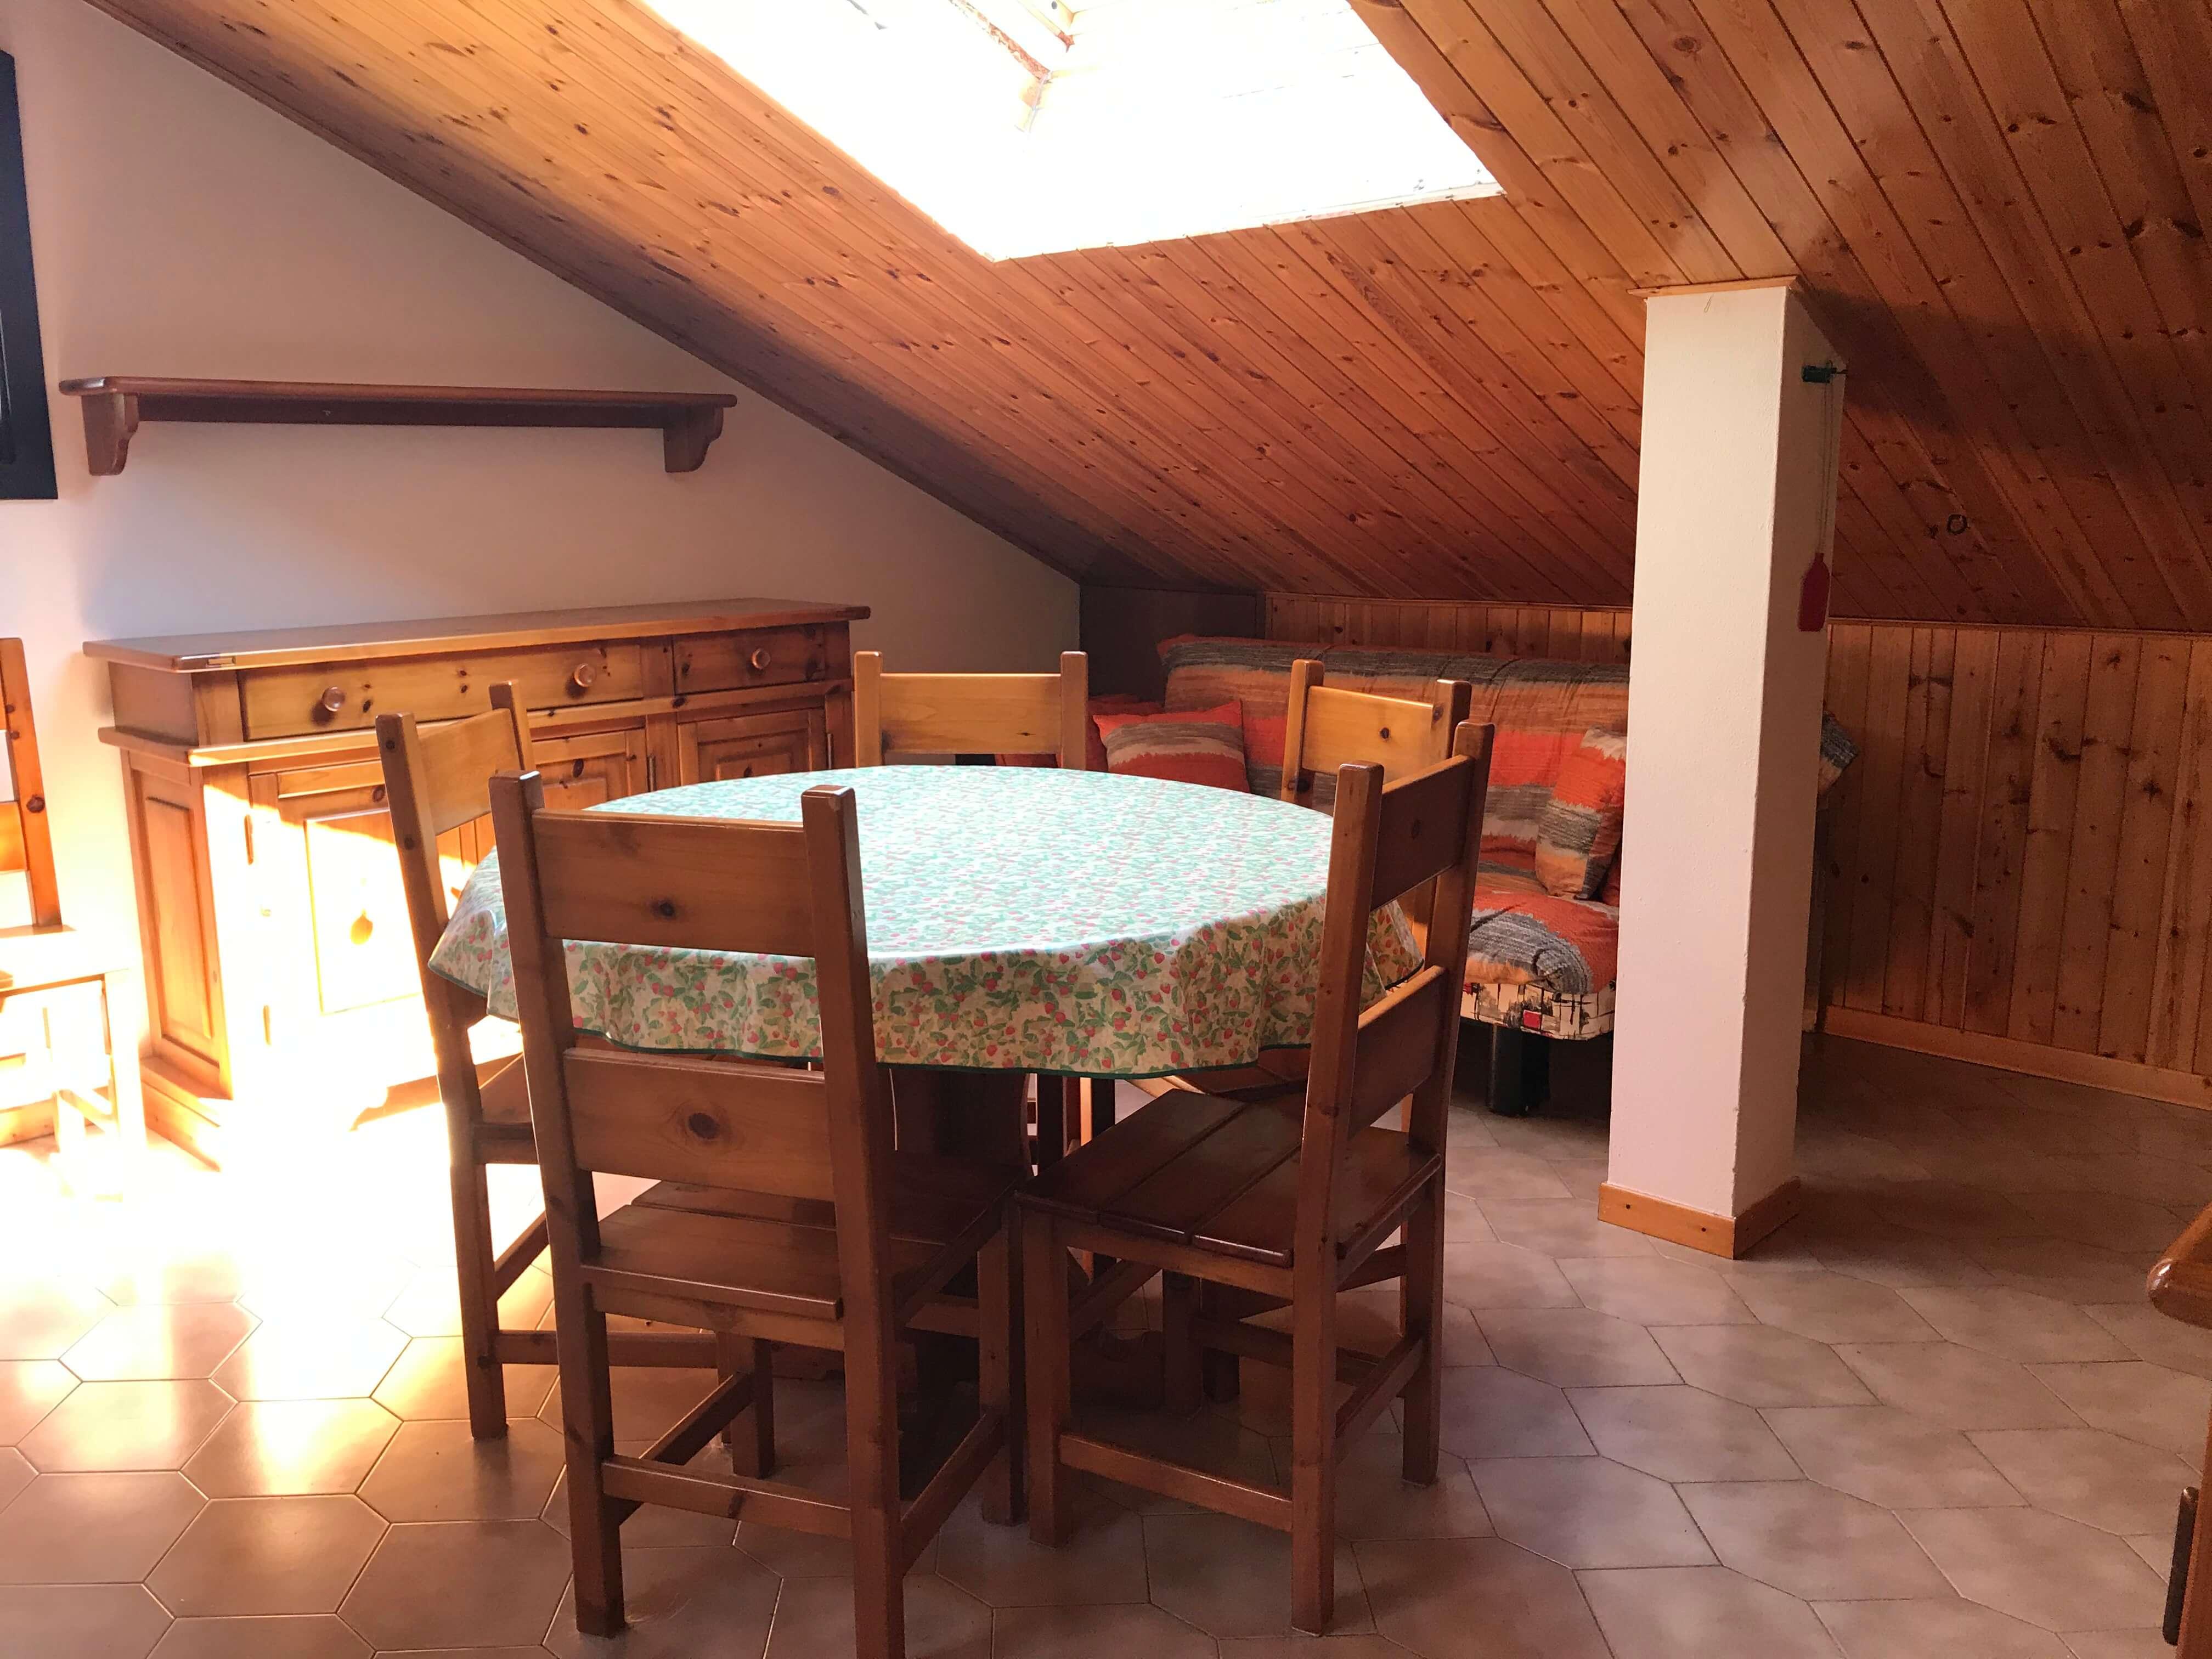 Immobiliare Abita mansarda bilocale in vendita - soggiorno tavolo da pranzo